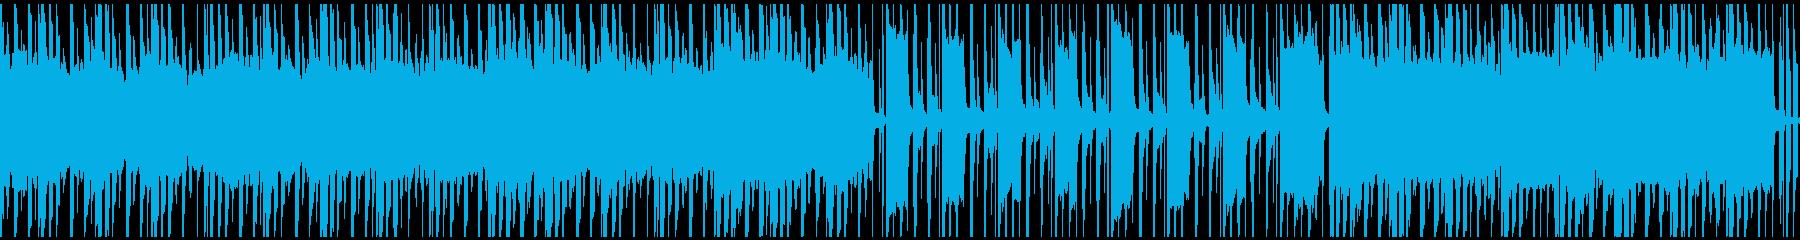 ループ仕様、ほのぼの、のんびりの再生済みの波形